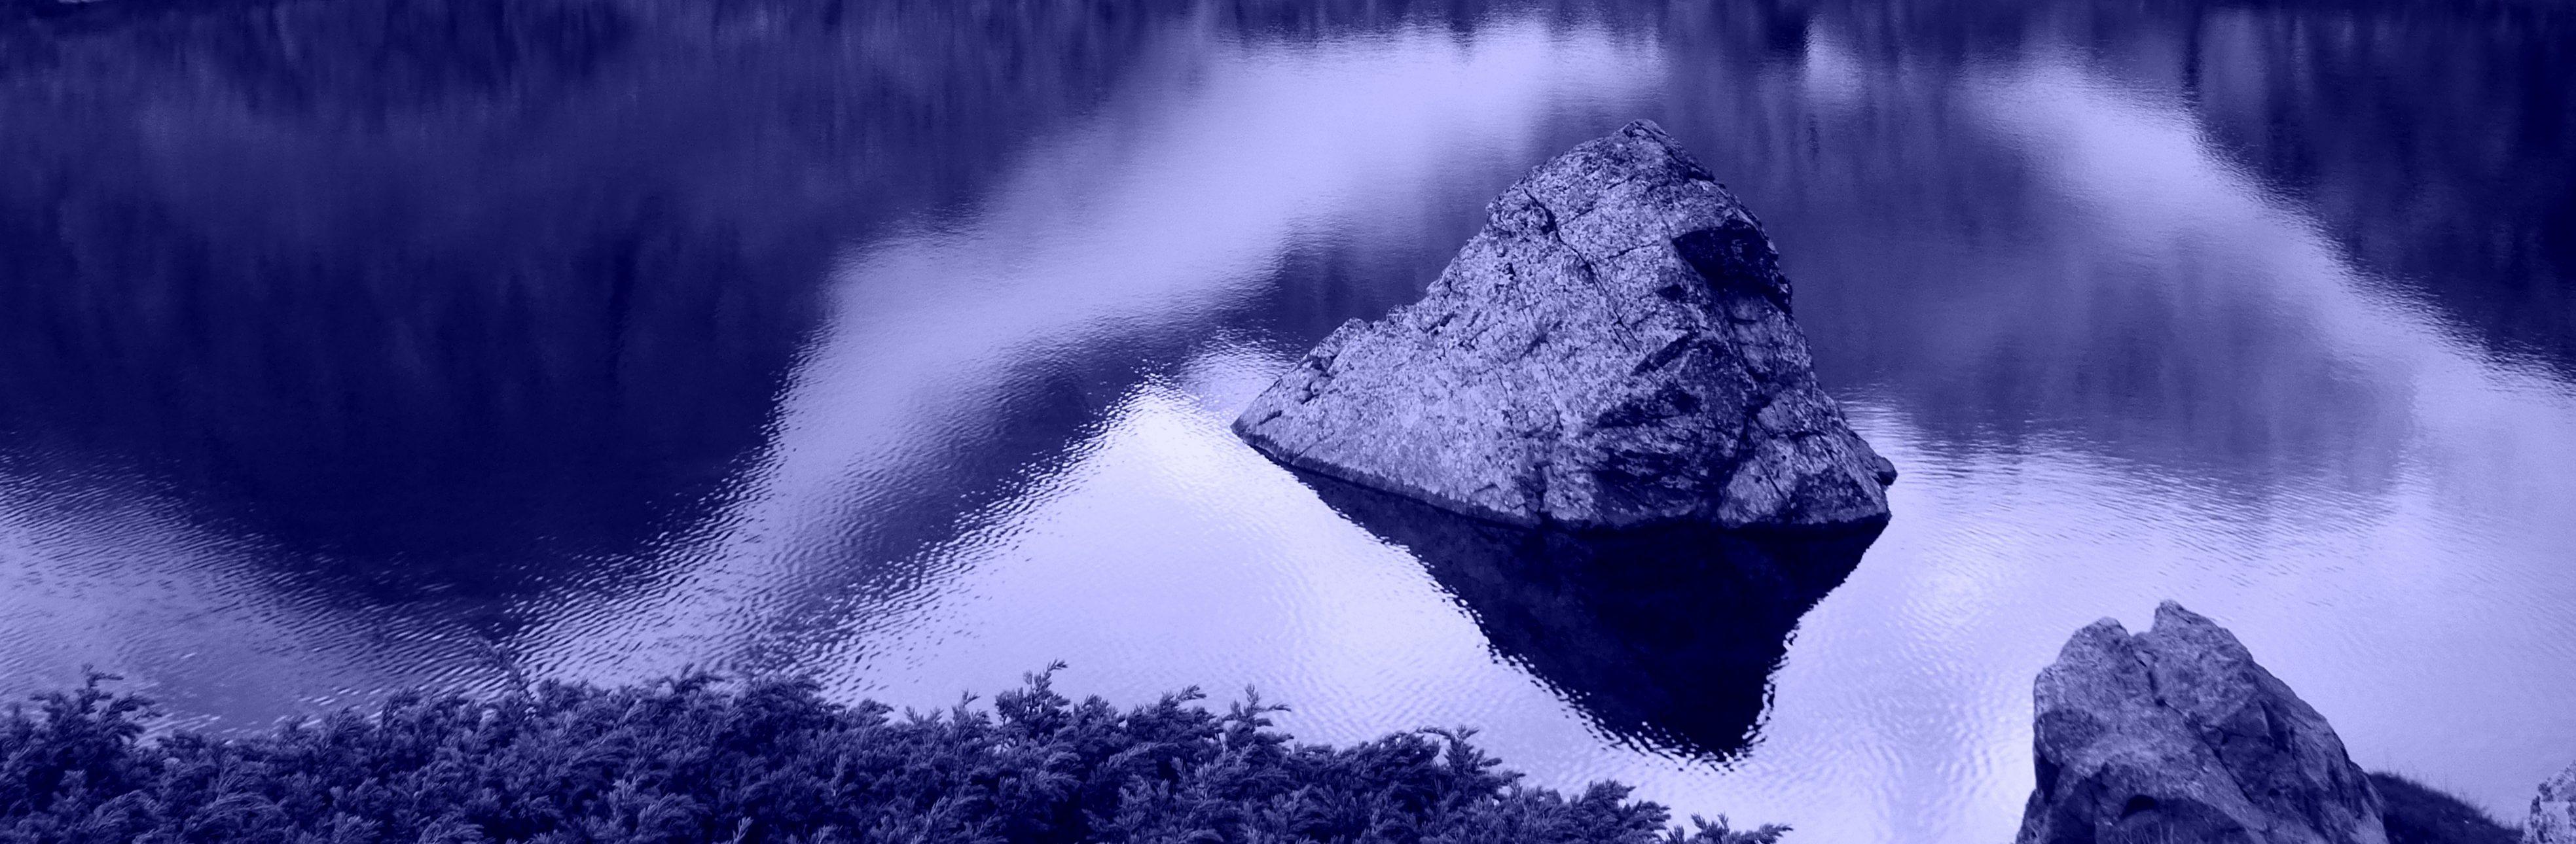 La piedra en el agua. Poesía y prosa poética de amor